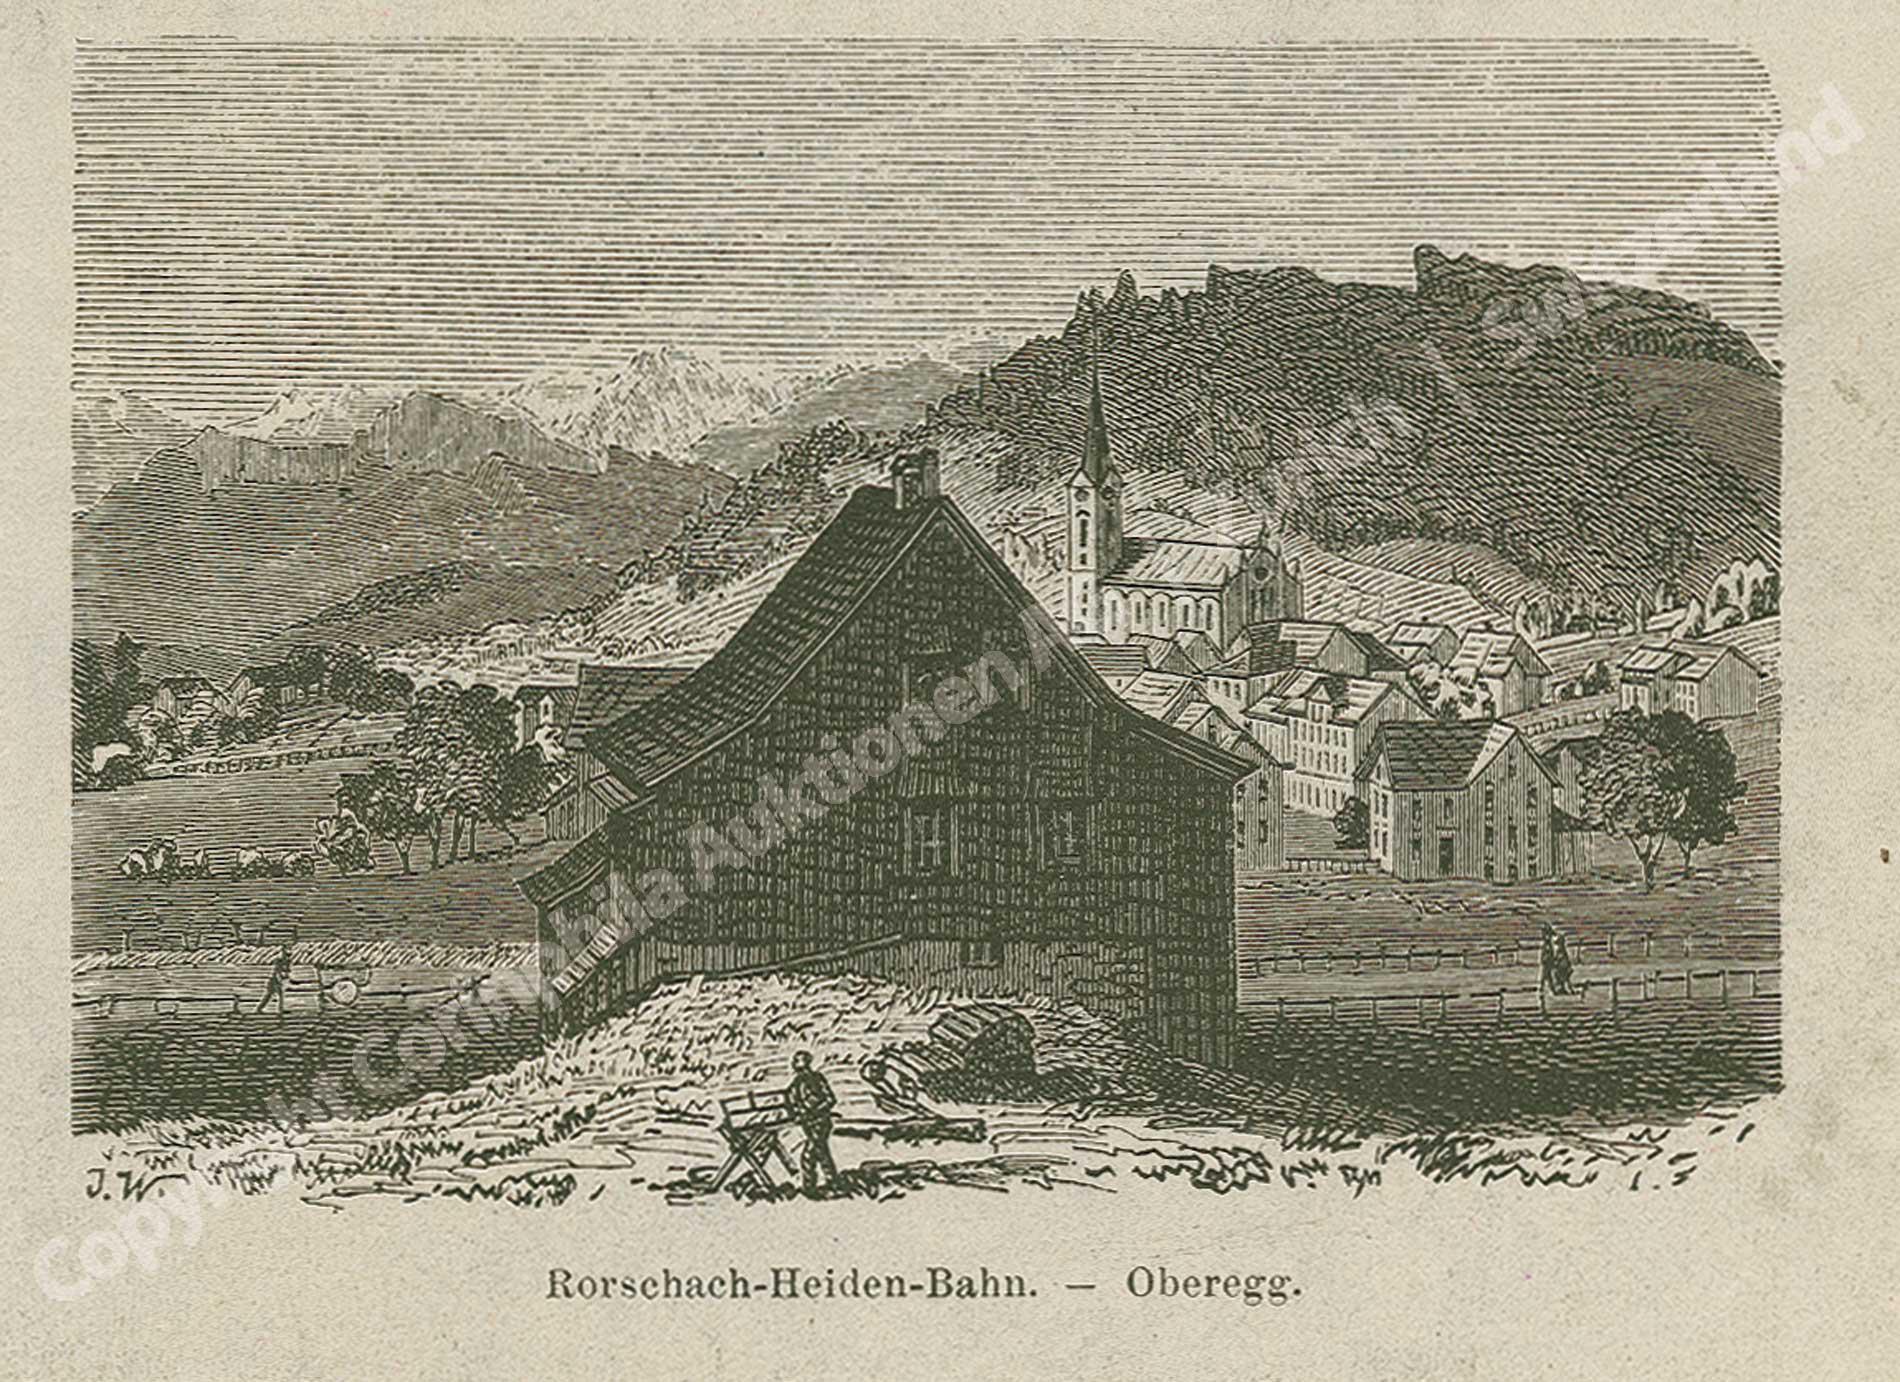 Oberegg